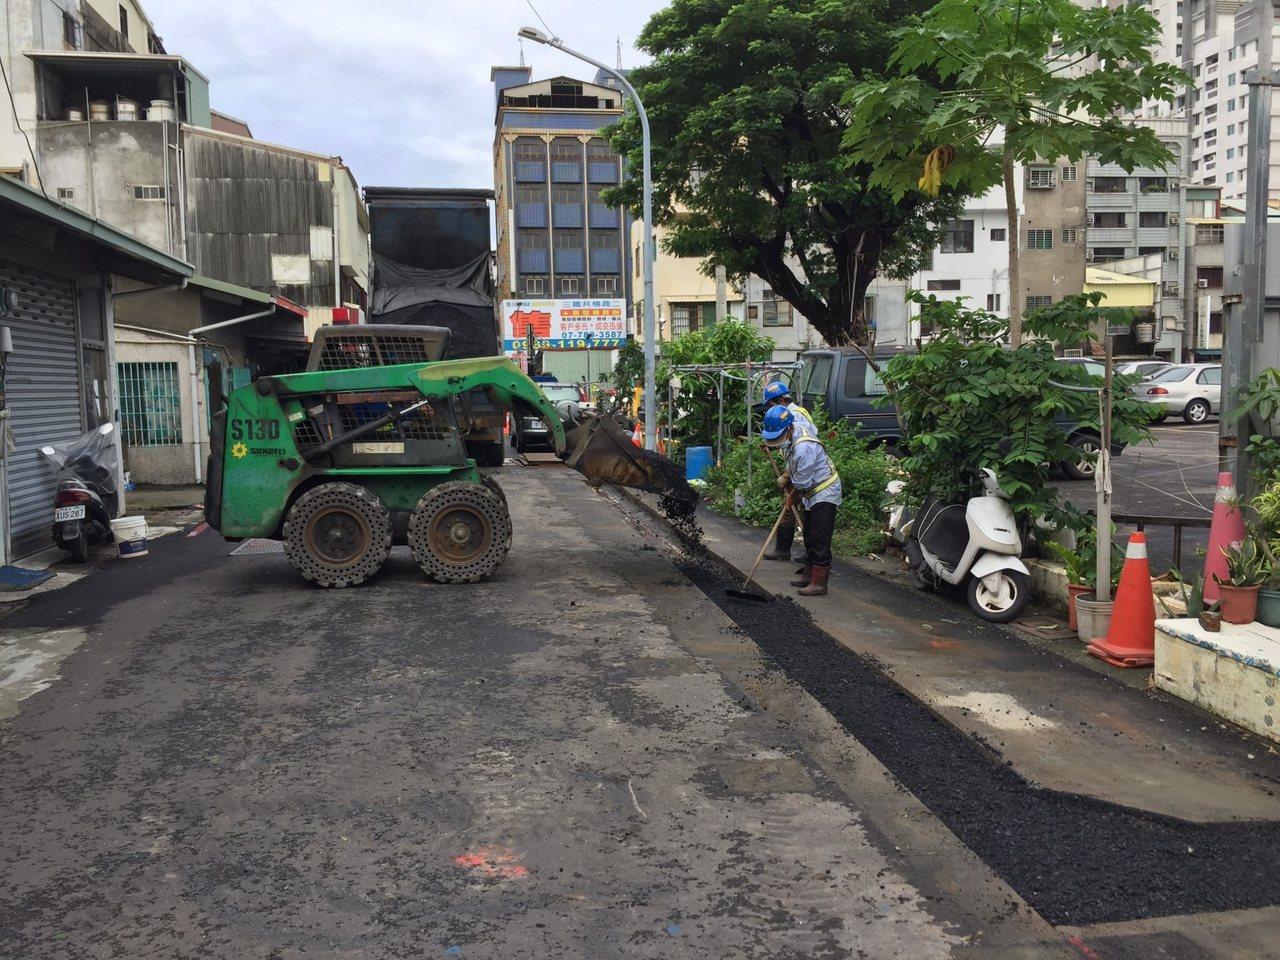 高雄市政府工務局最近修改高雄市道路挖掘管理自治條例,除新鋪路面全面禁挖1年外,新...